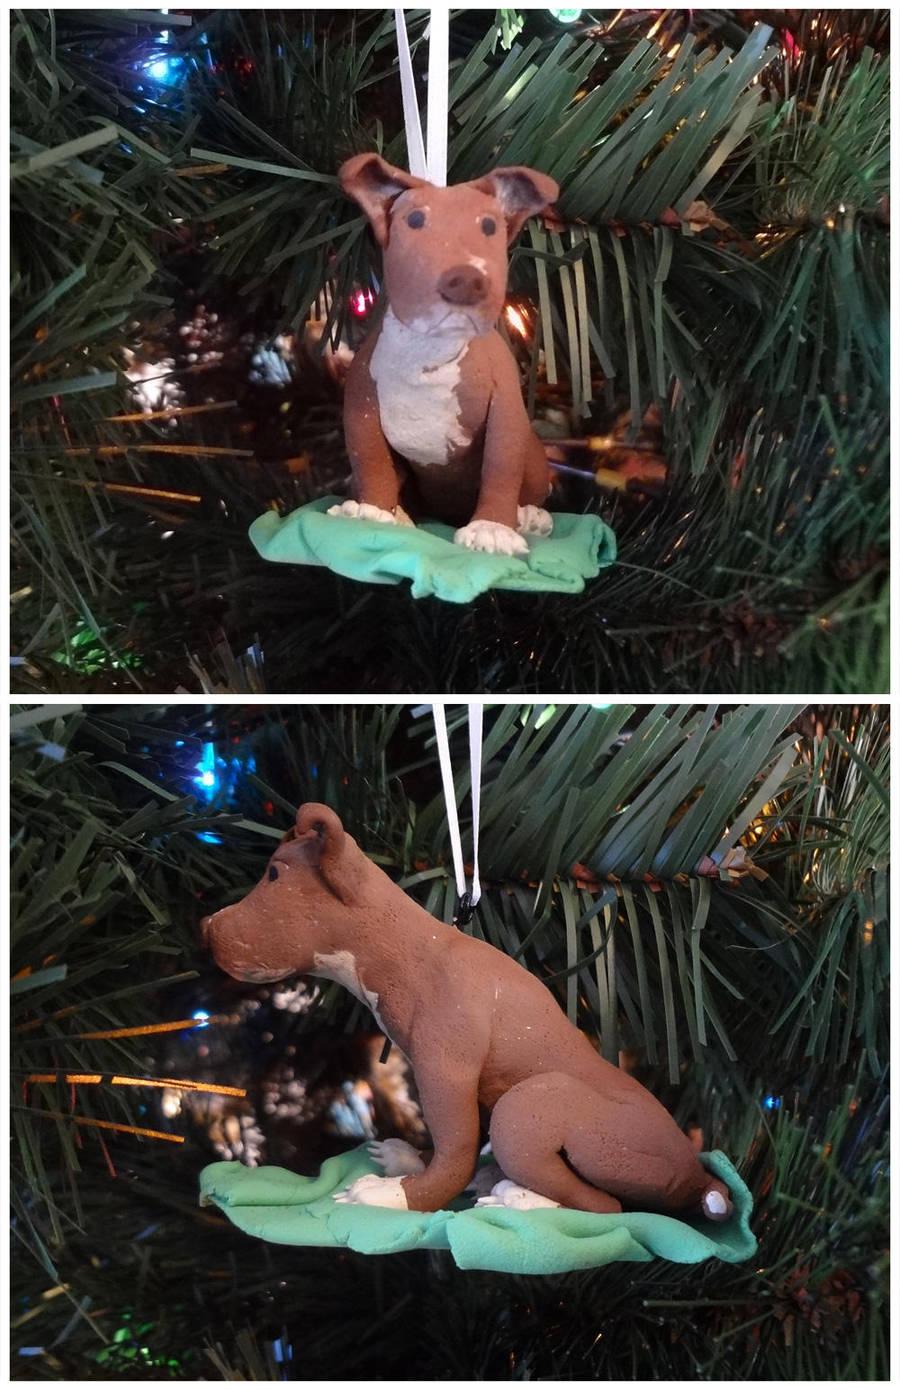 Doggie ornament by Koreena